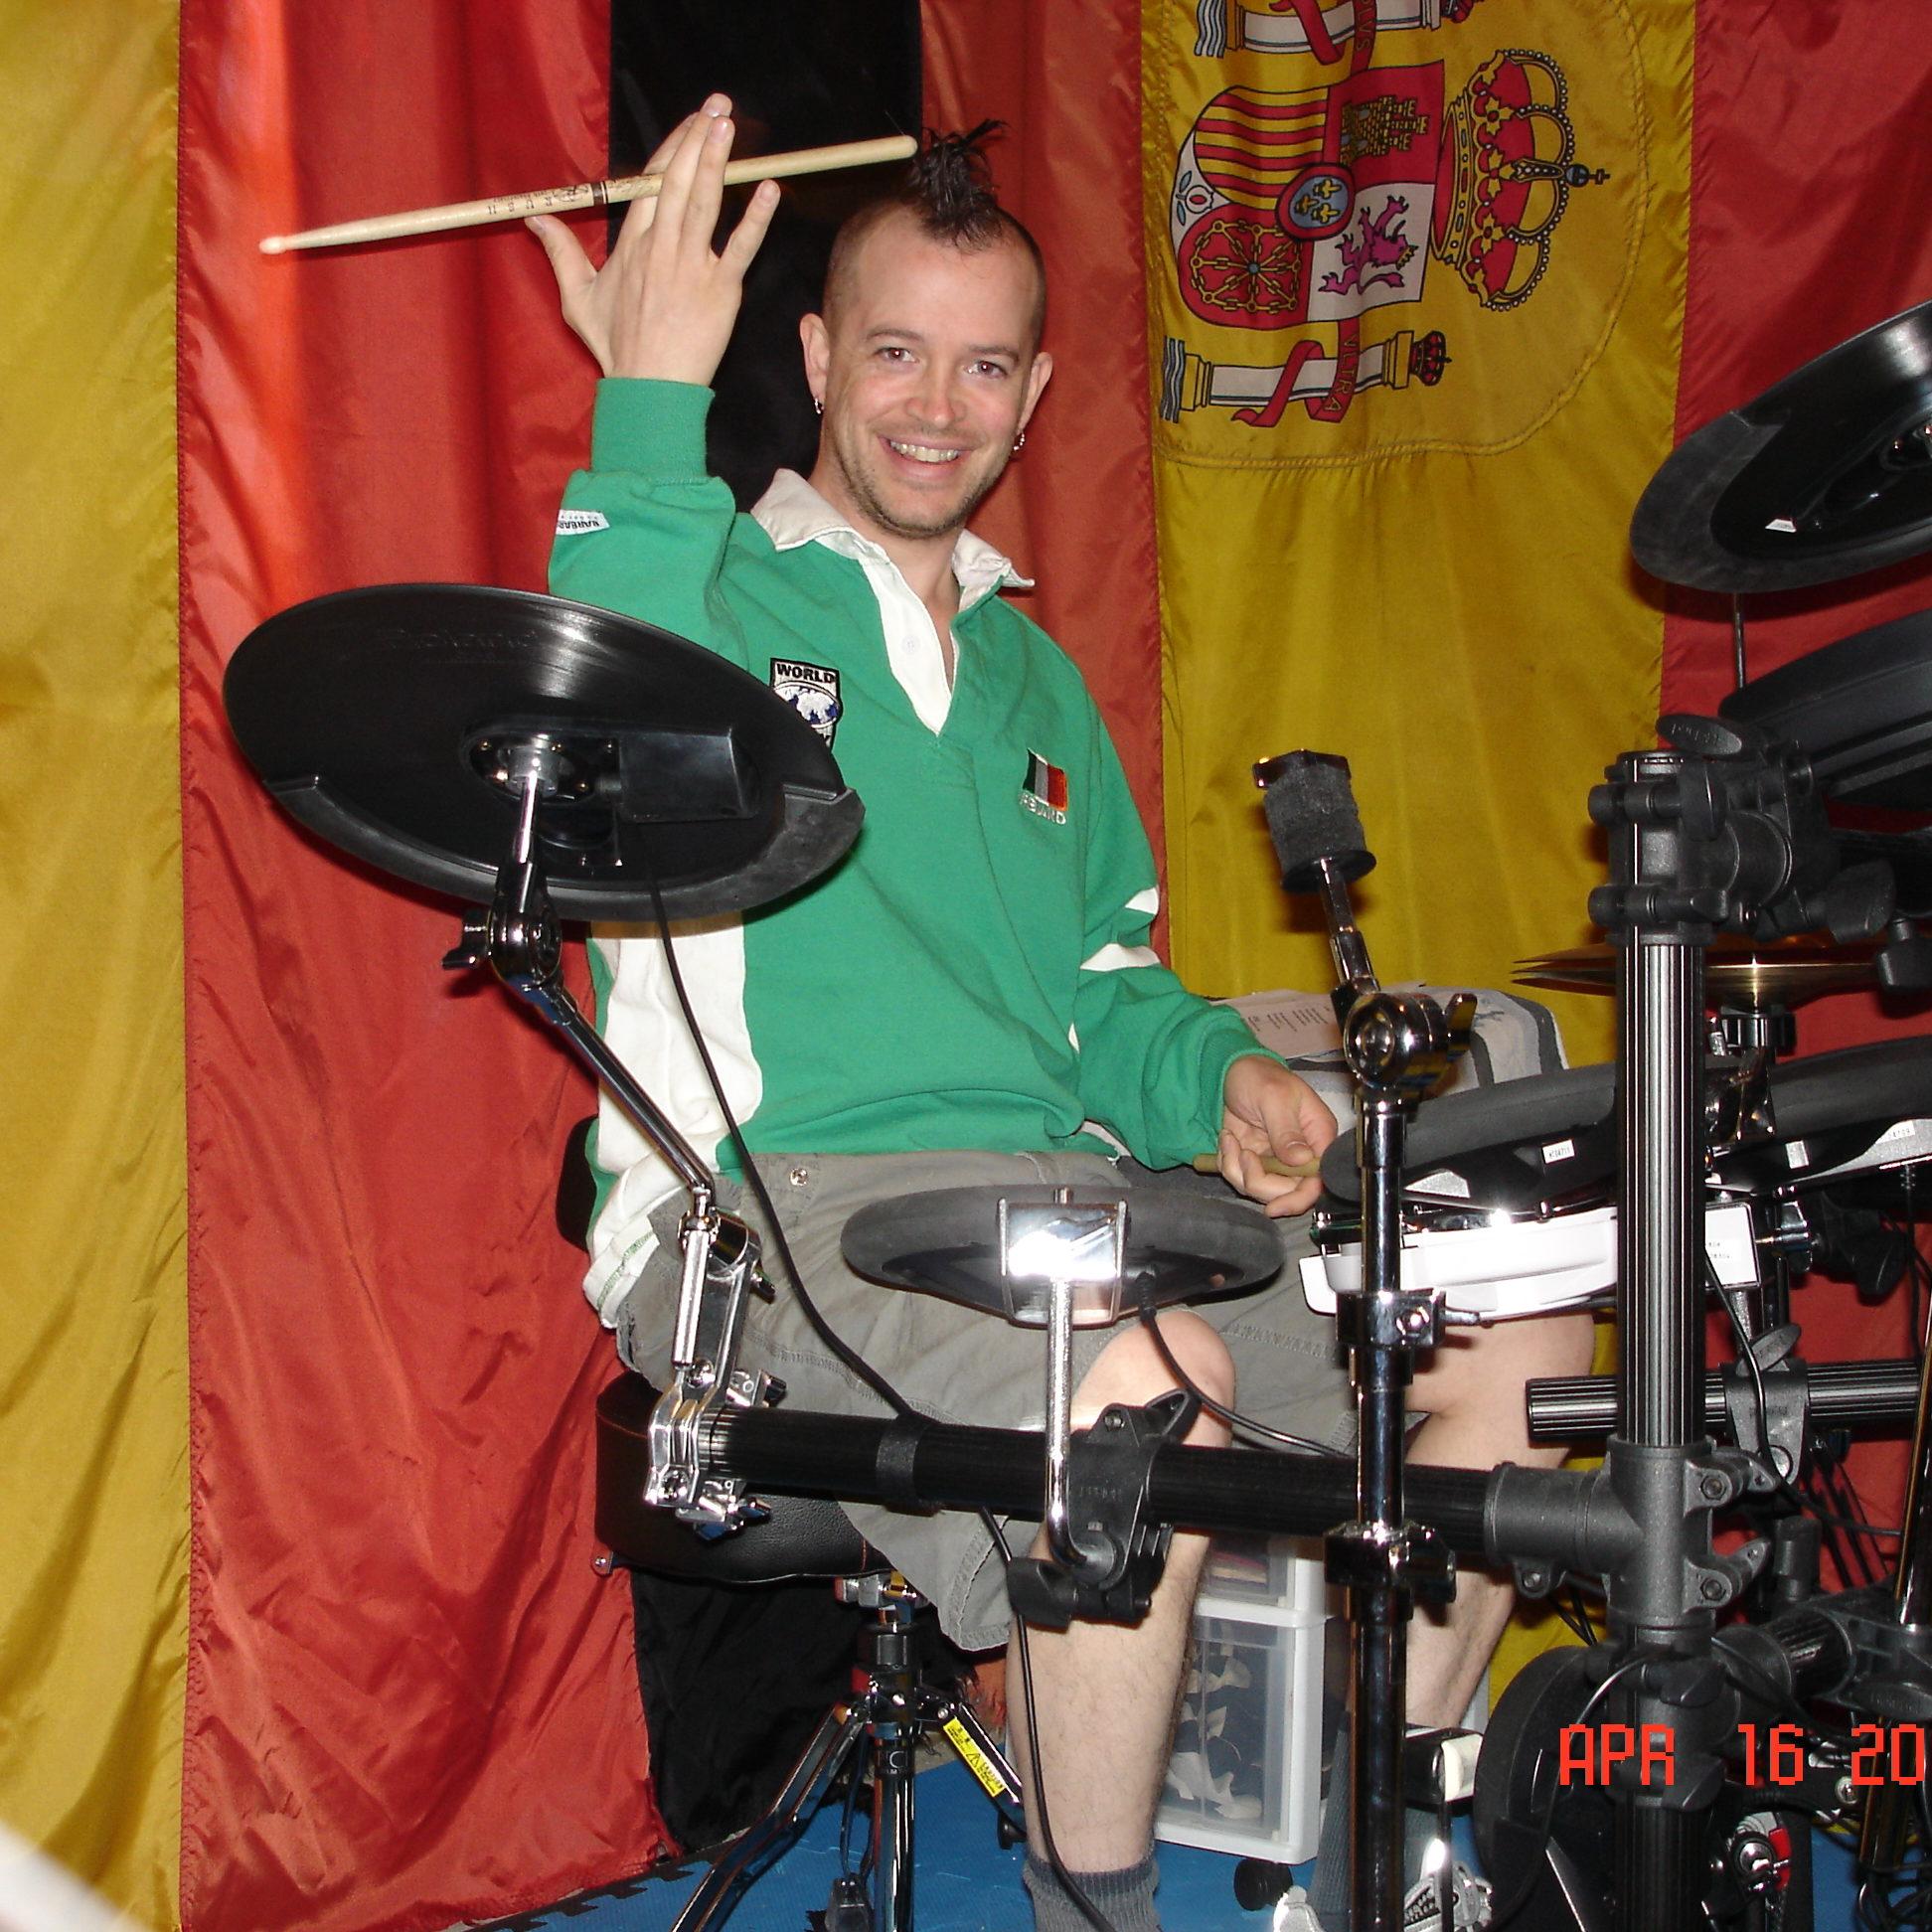 Drummer!